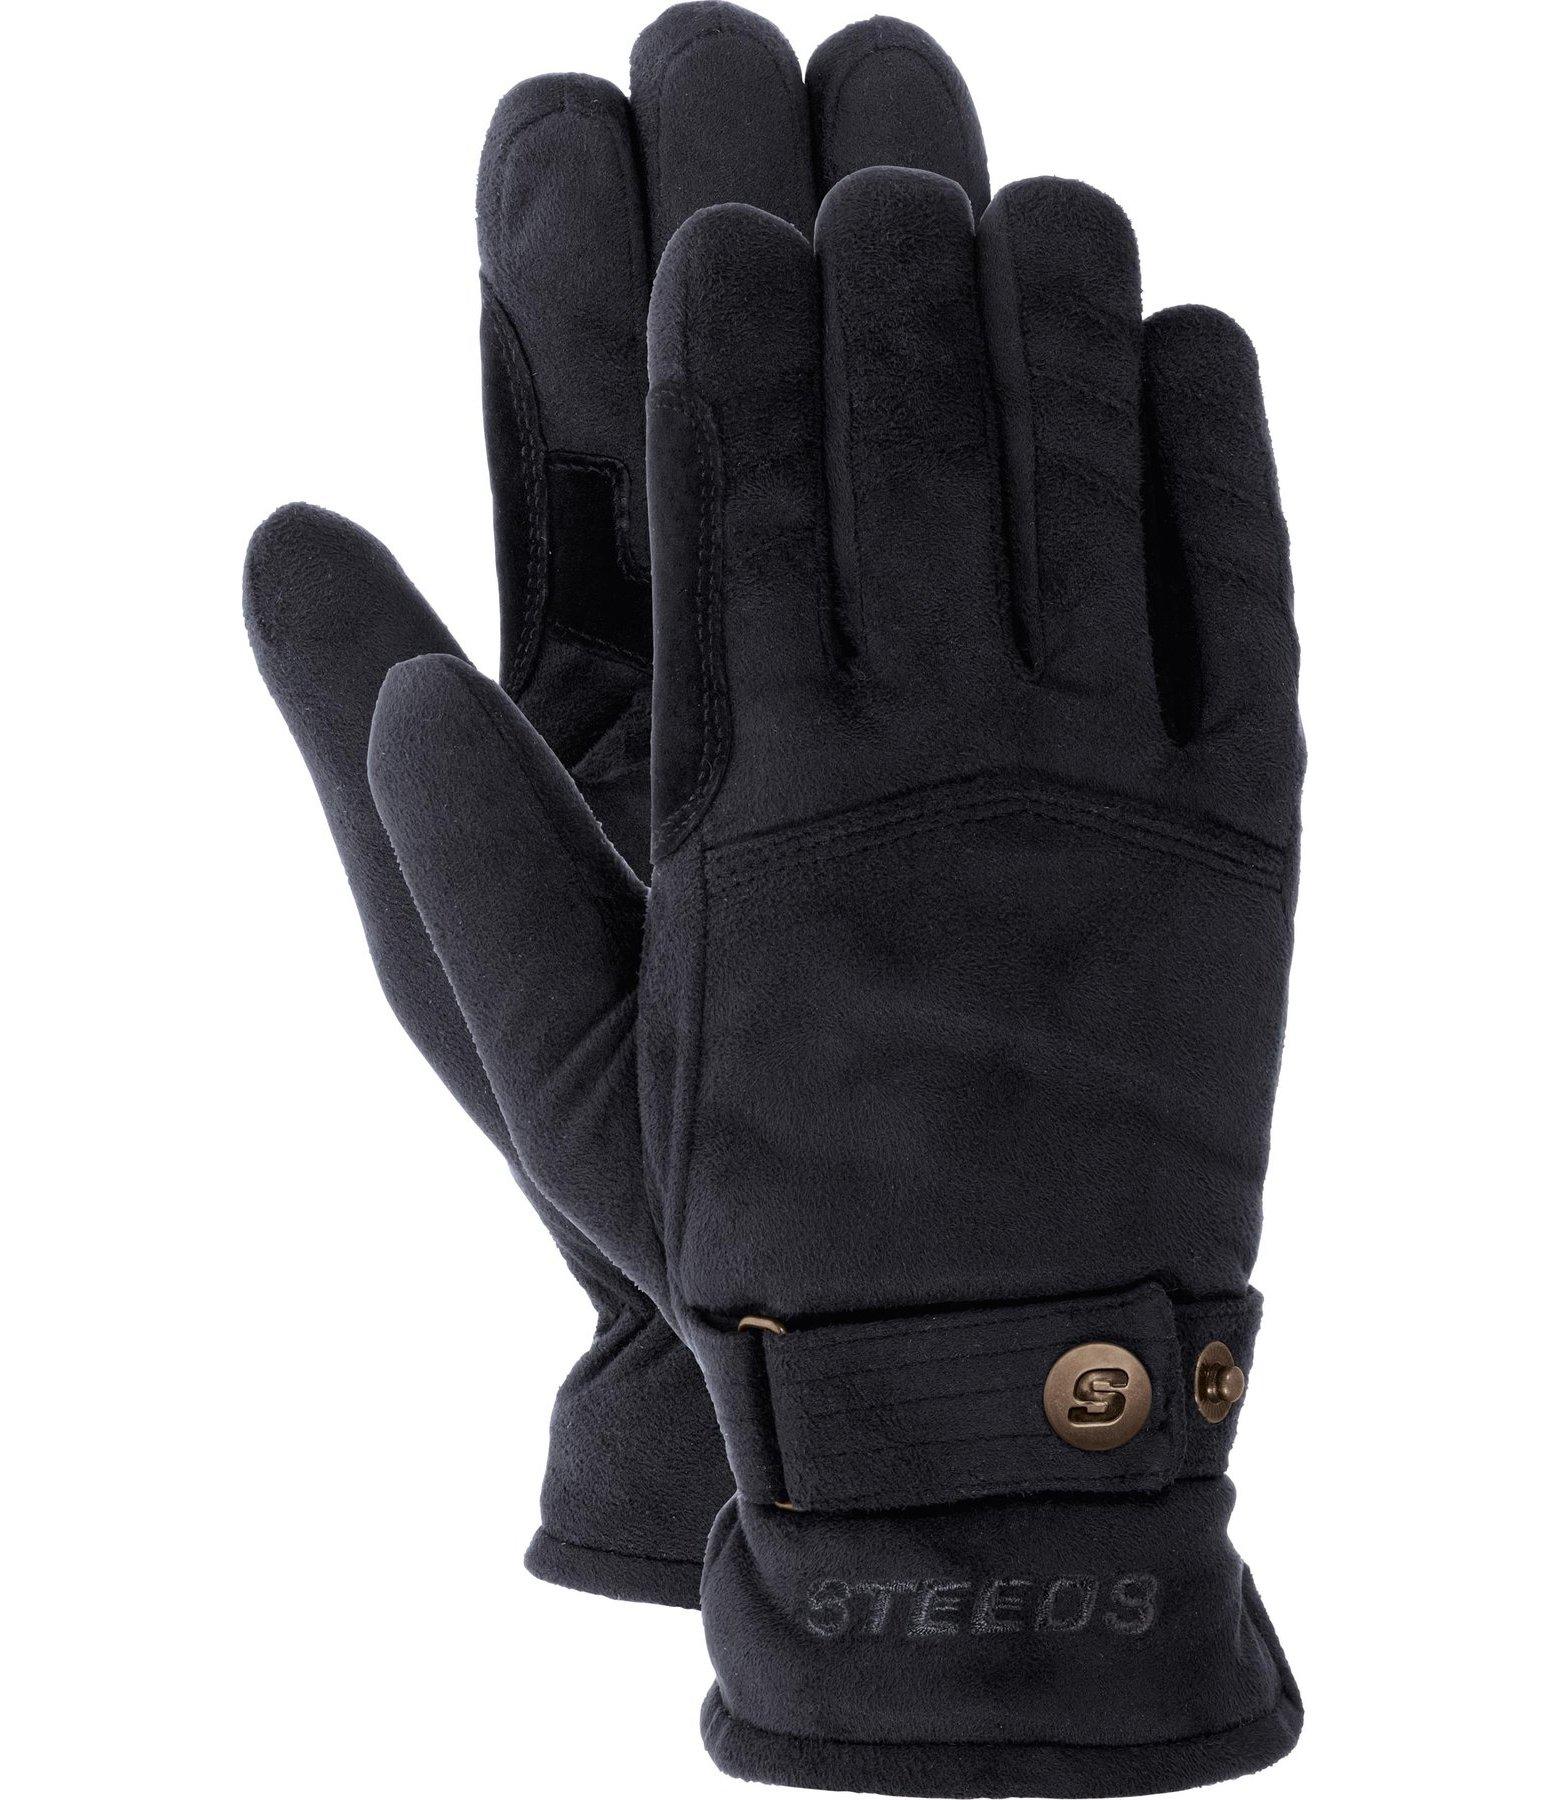 gants hiver luzern pour l 39 hiver kramer equitation. Black Bedroom Furniture Sets. Home Design Ideas